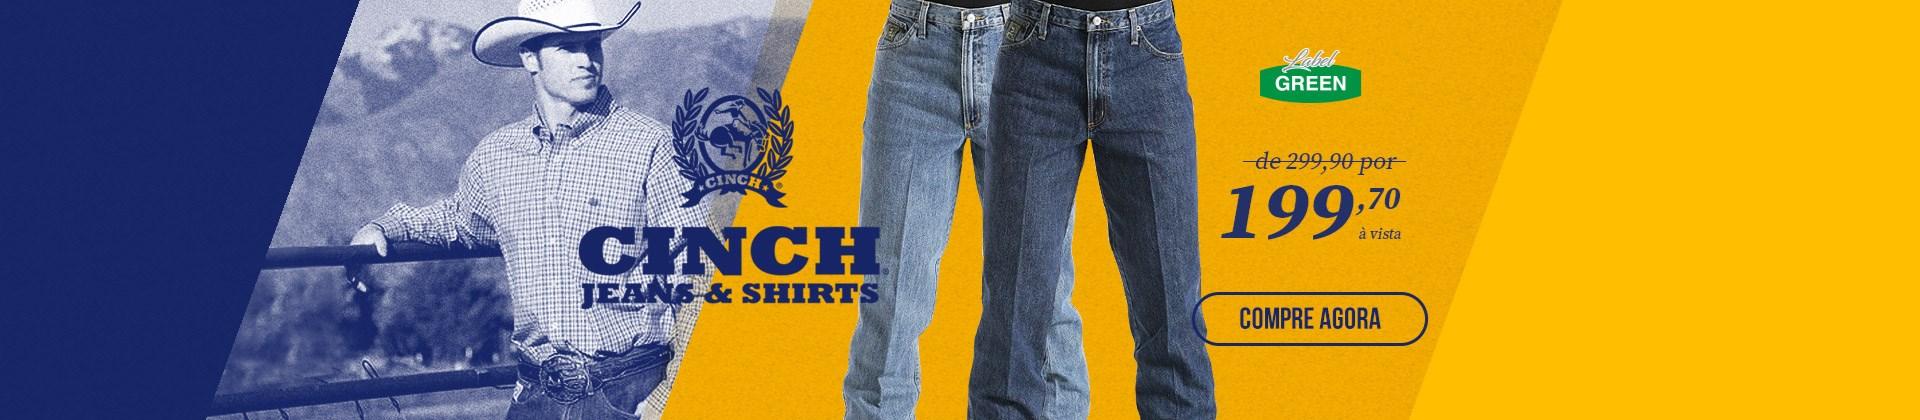 calça Cinch